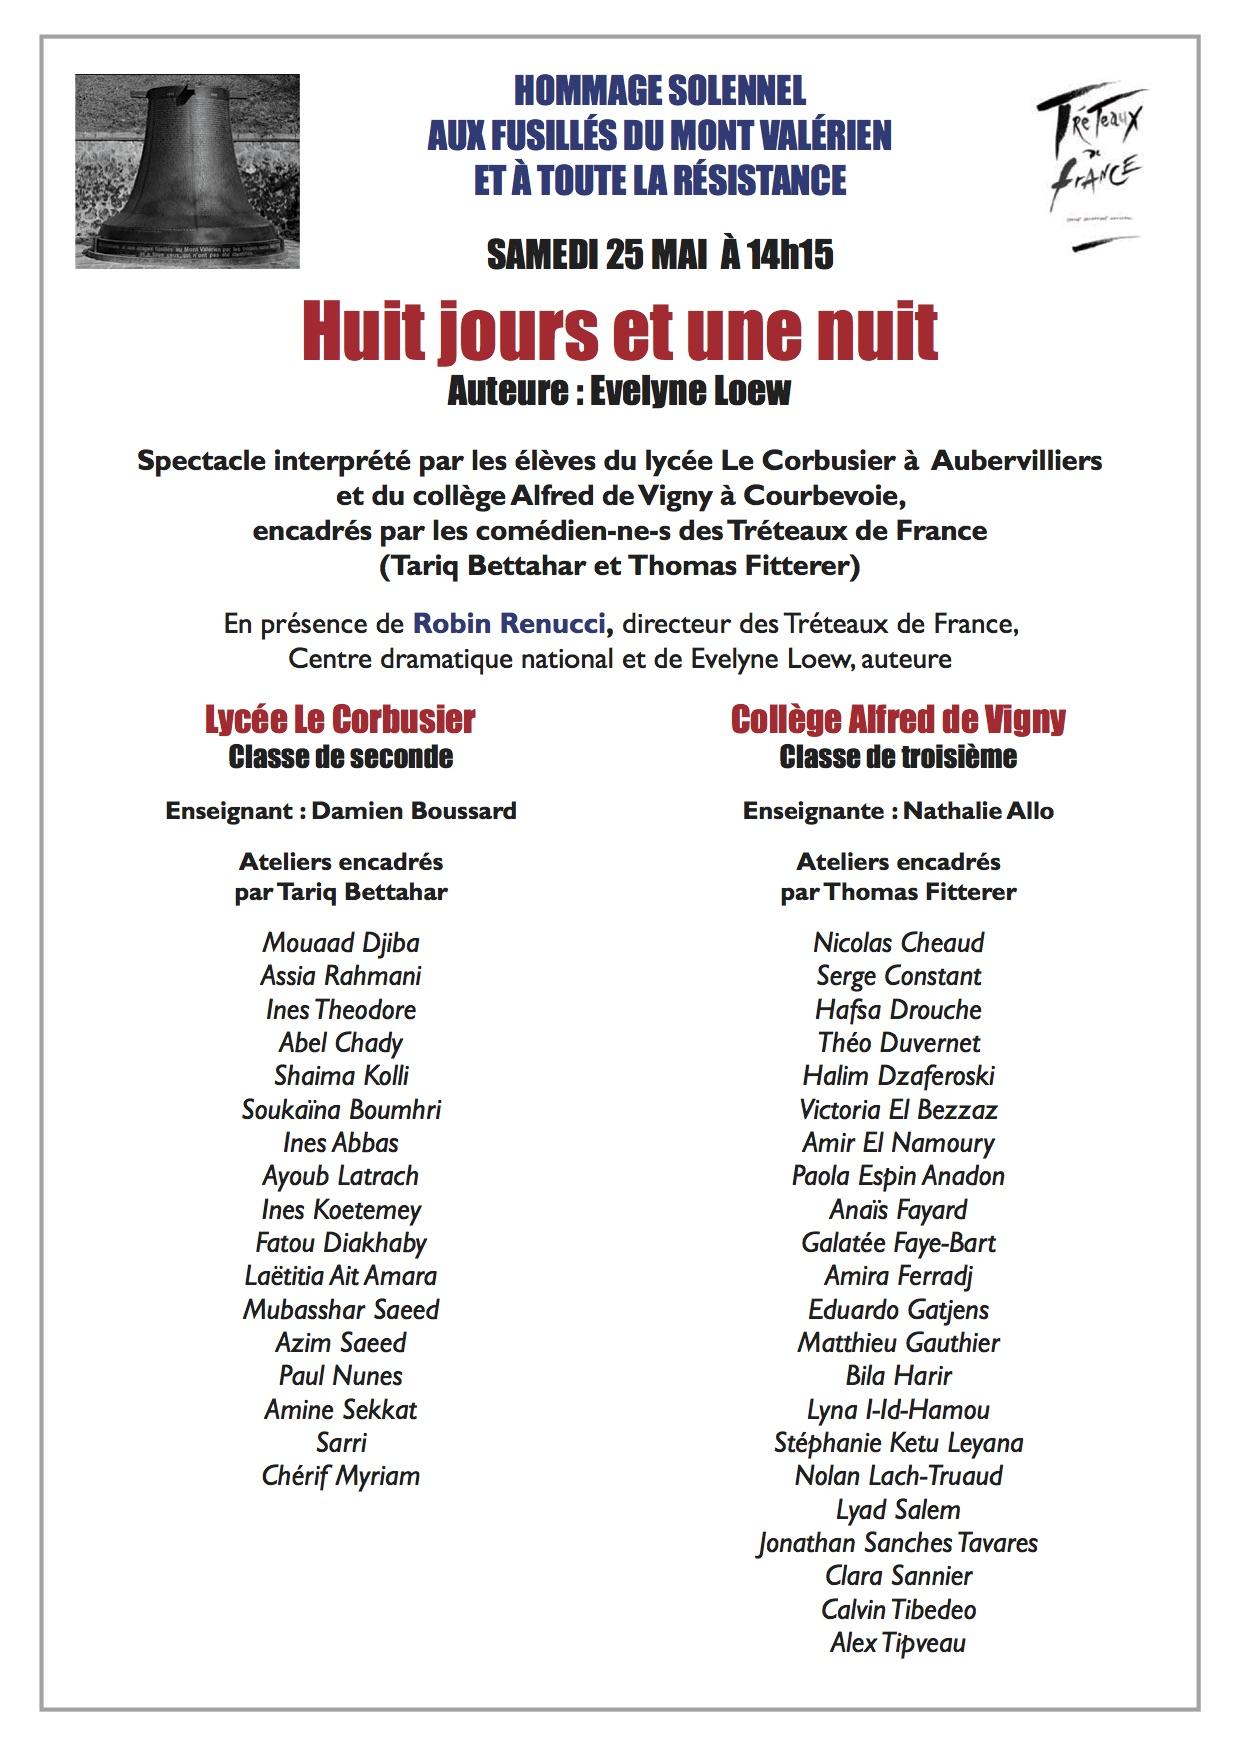 JNR 2019 – Découvrez «Huit jours et une nuit», le spectacle 2019 au Mont Valérien